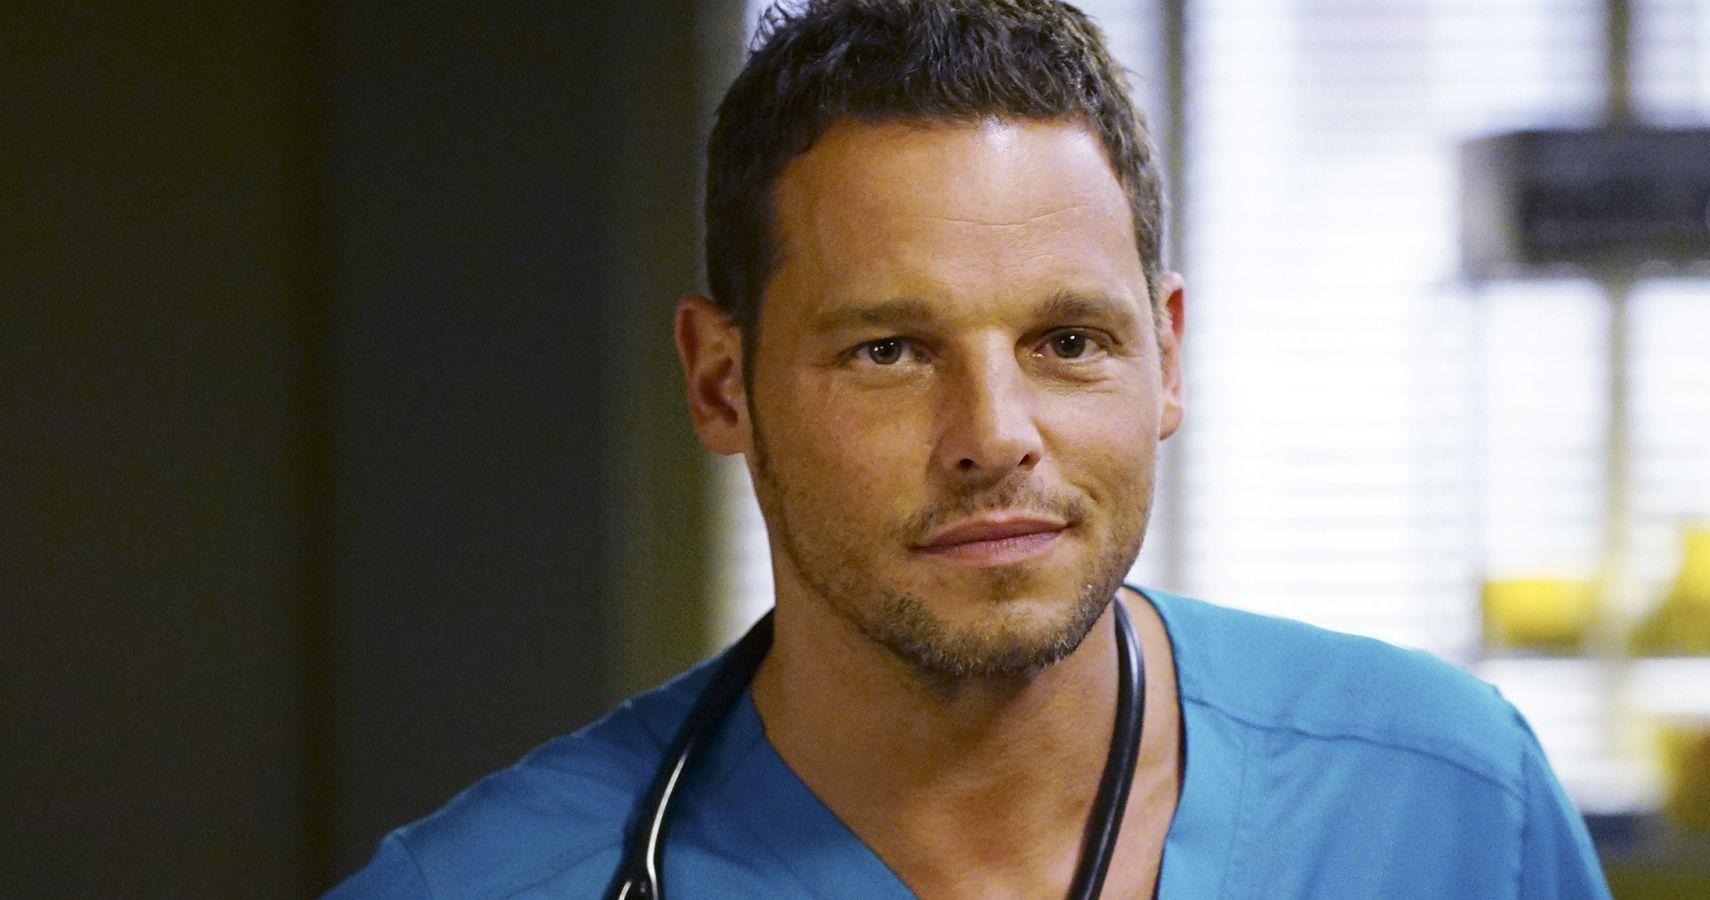 Karev GreyS Anatomy